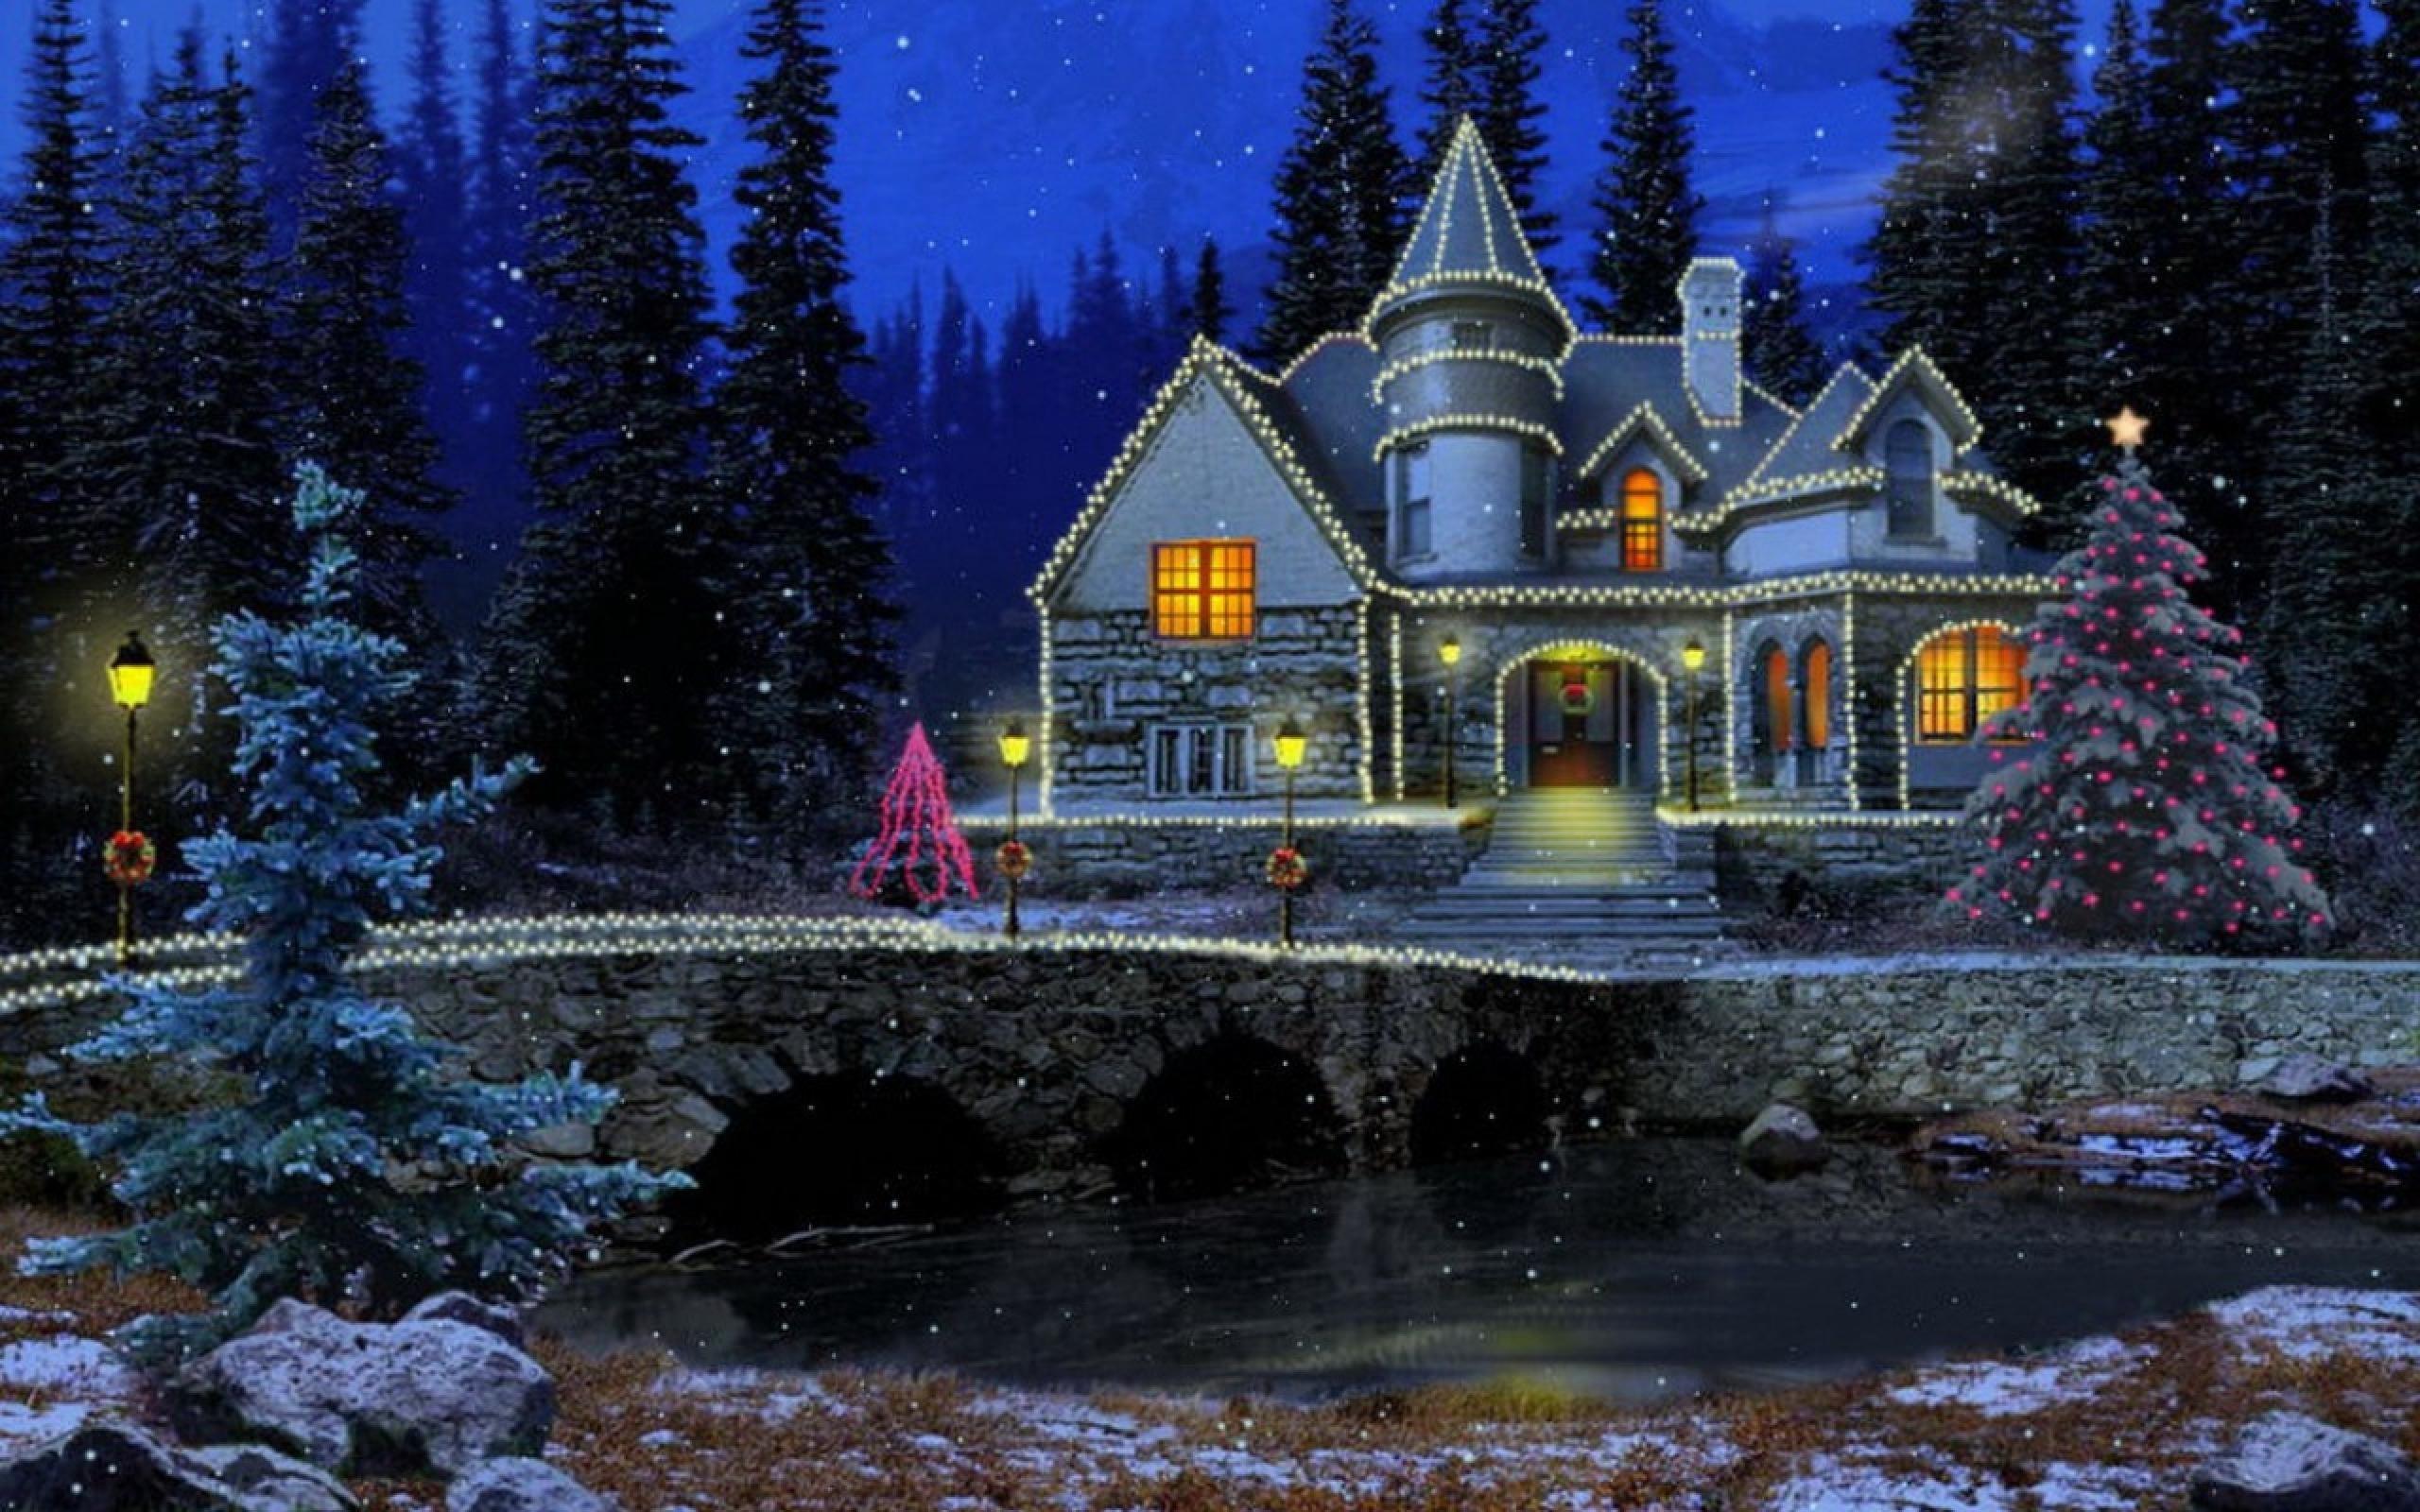 новогодняя ночь анимационные картинки донских